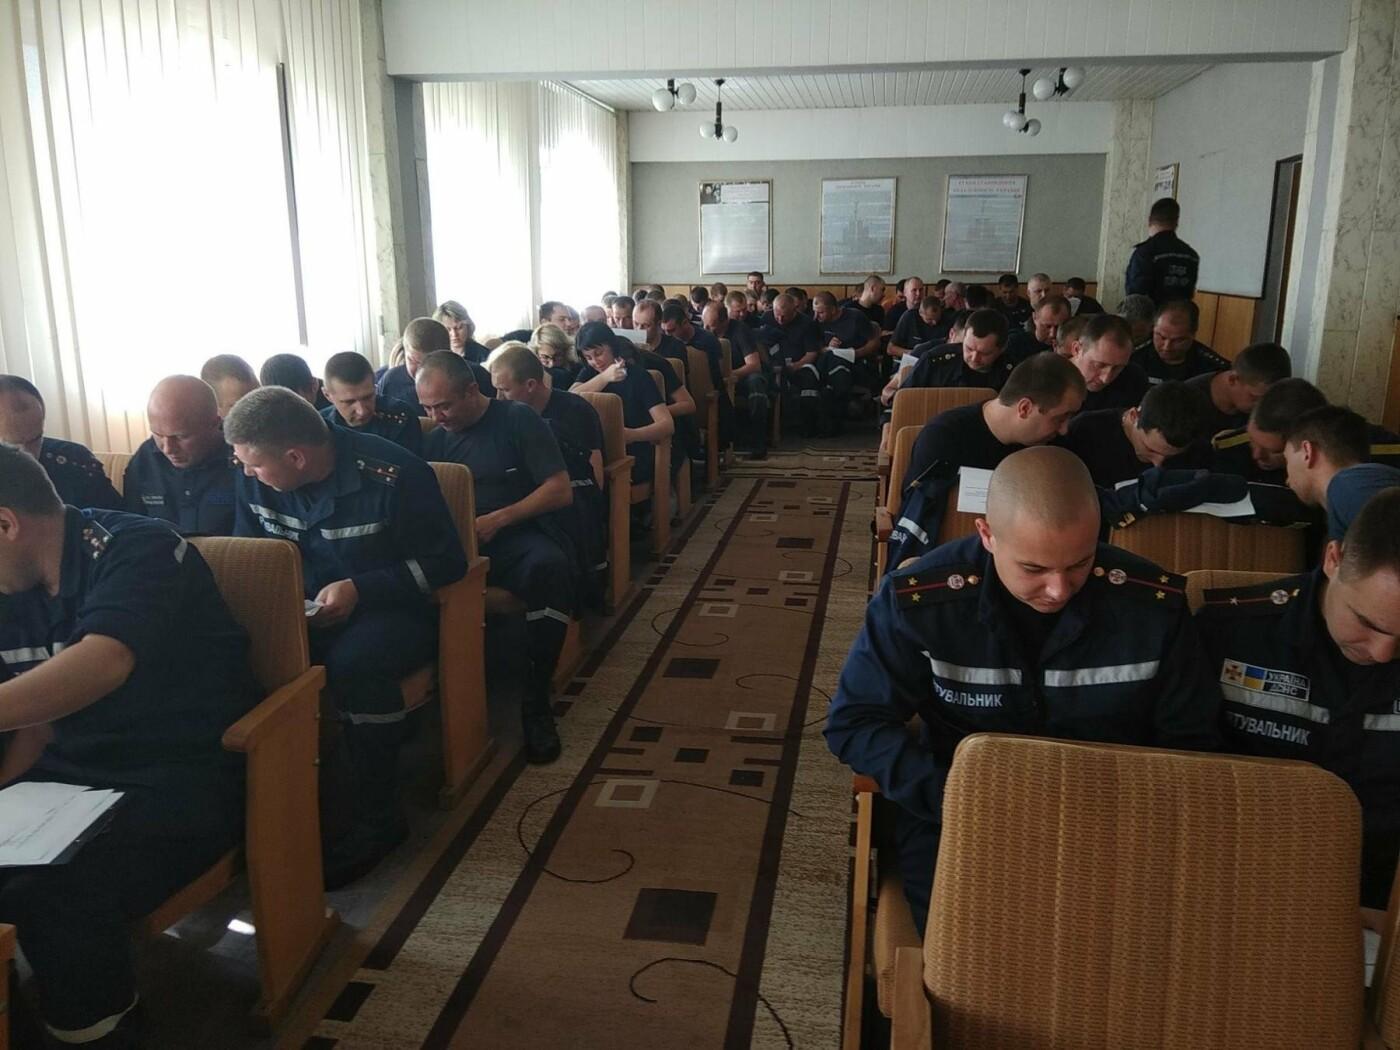 Кам'янецькі рятувальники екзамен на профпридатність пройшли на відмінно, фото-1